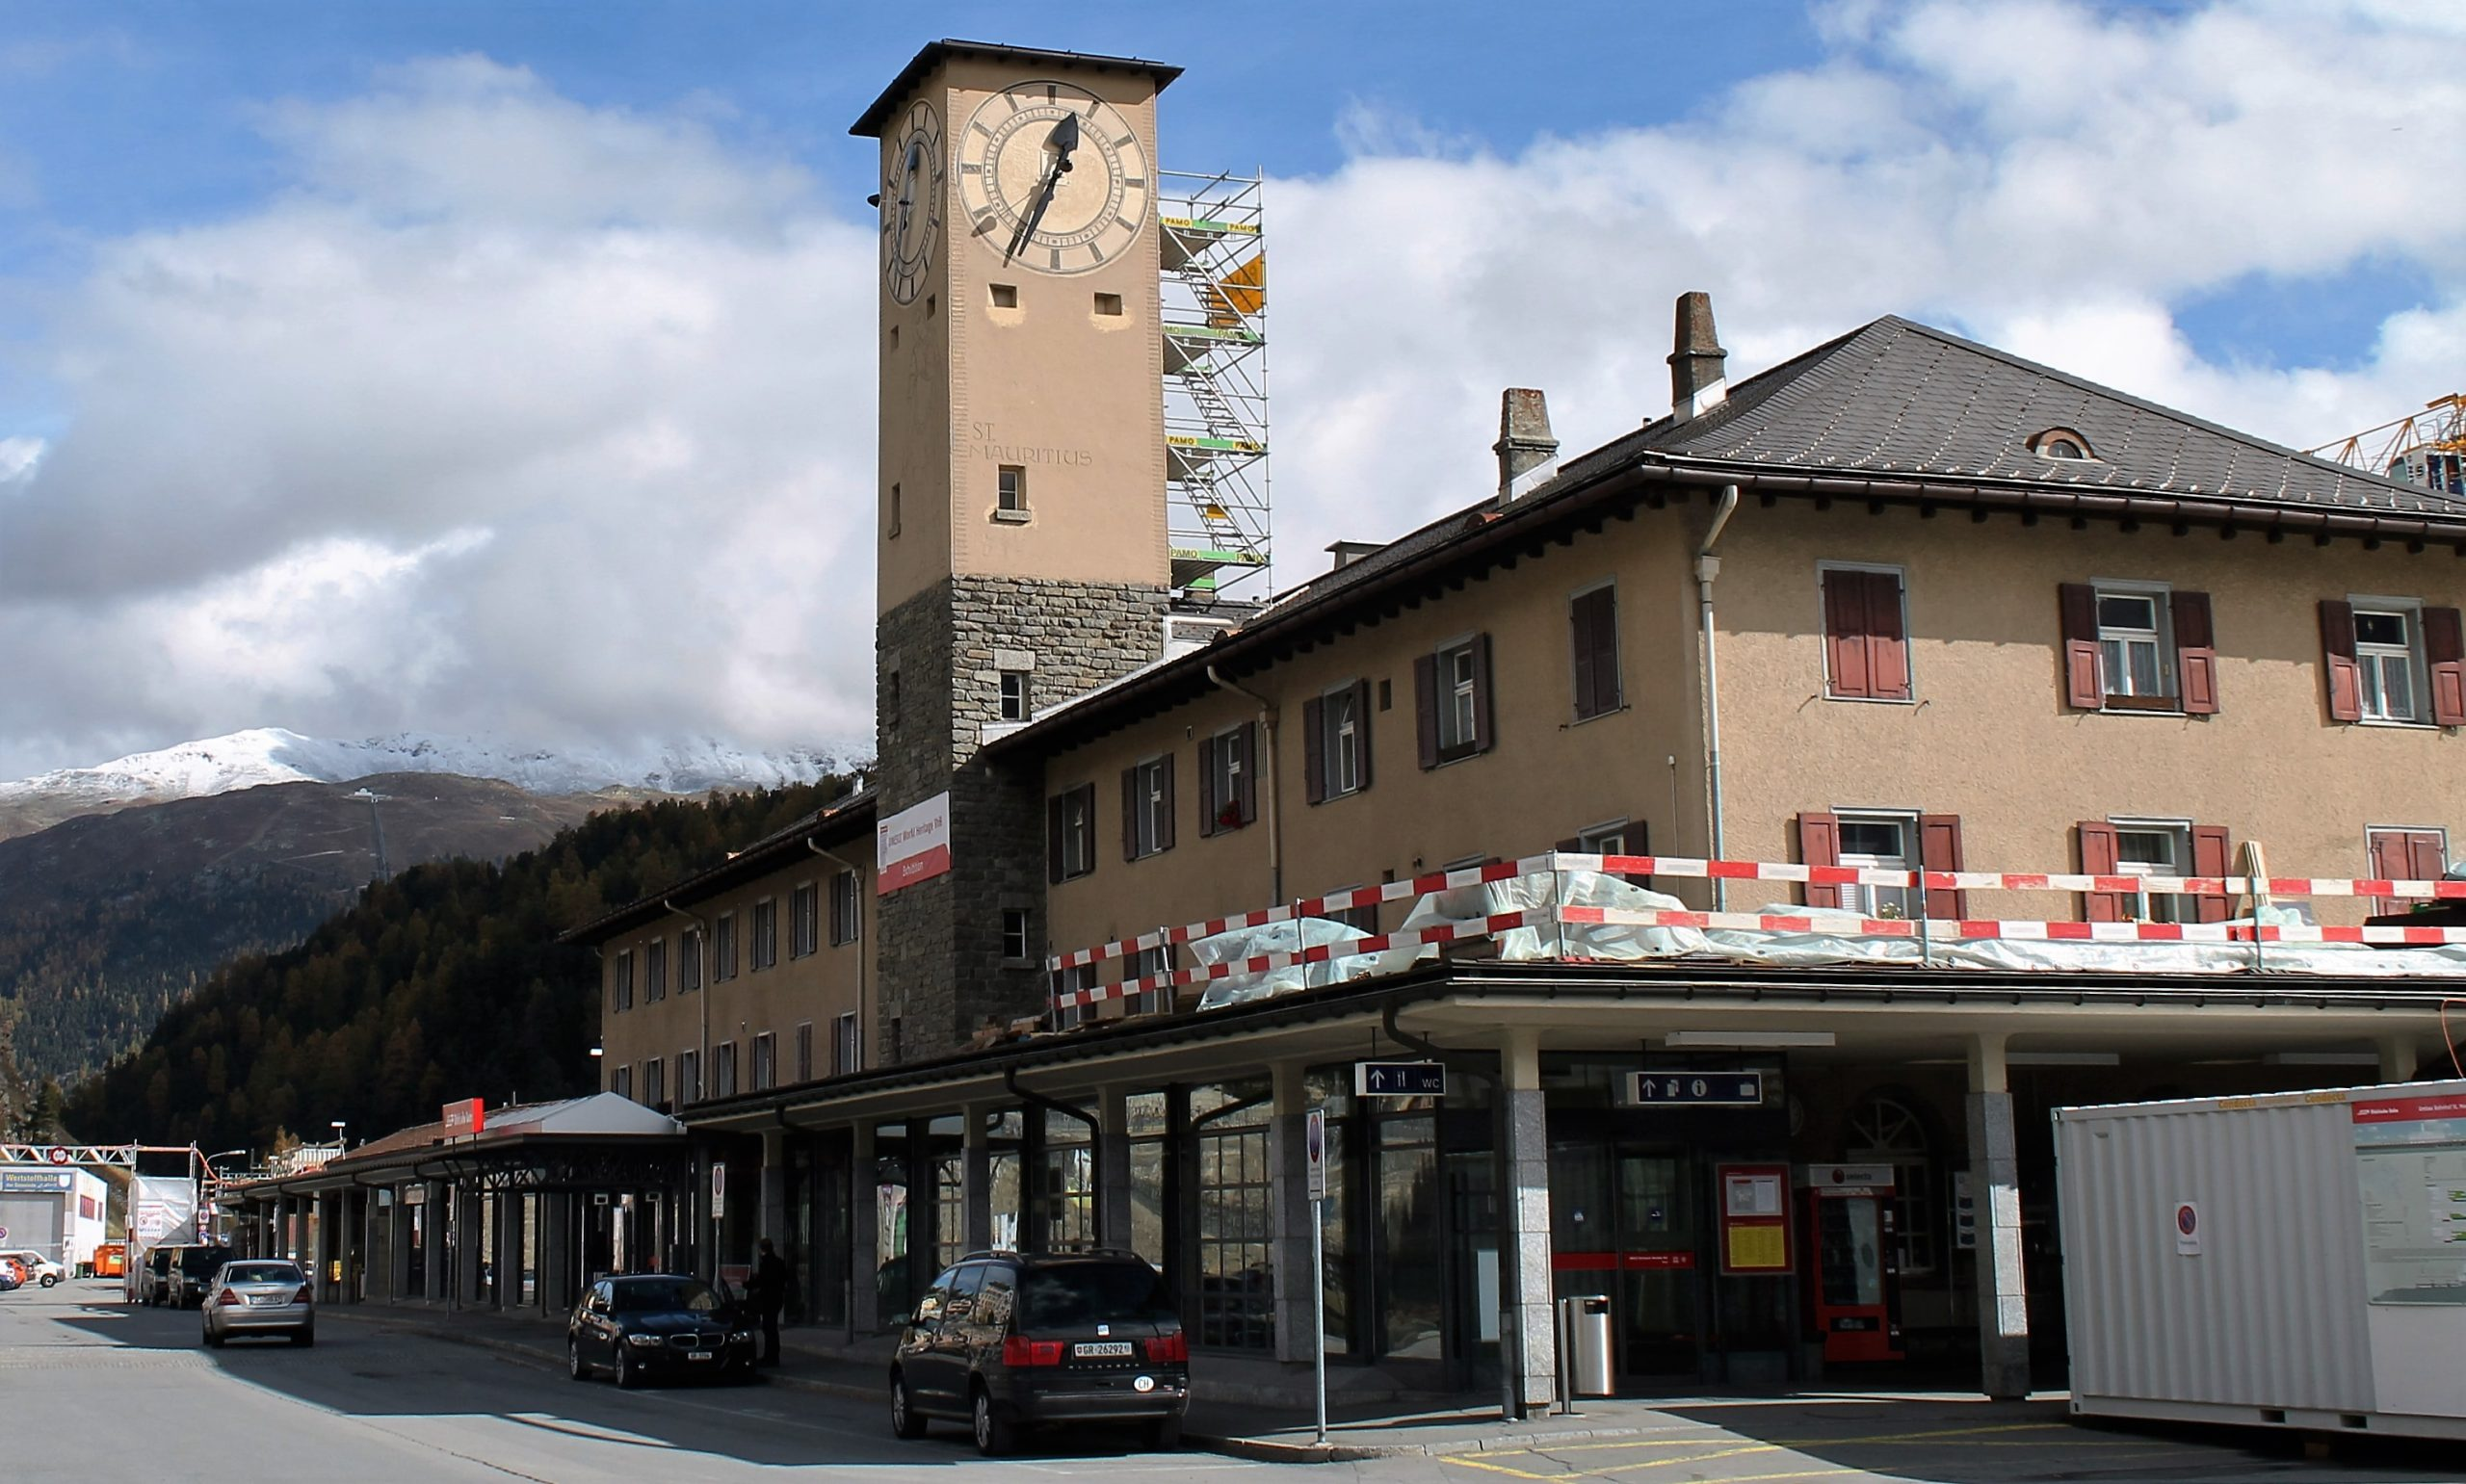 Arriving in St Moritz, Switzerland